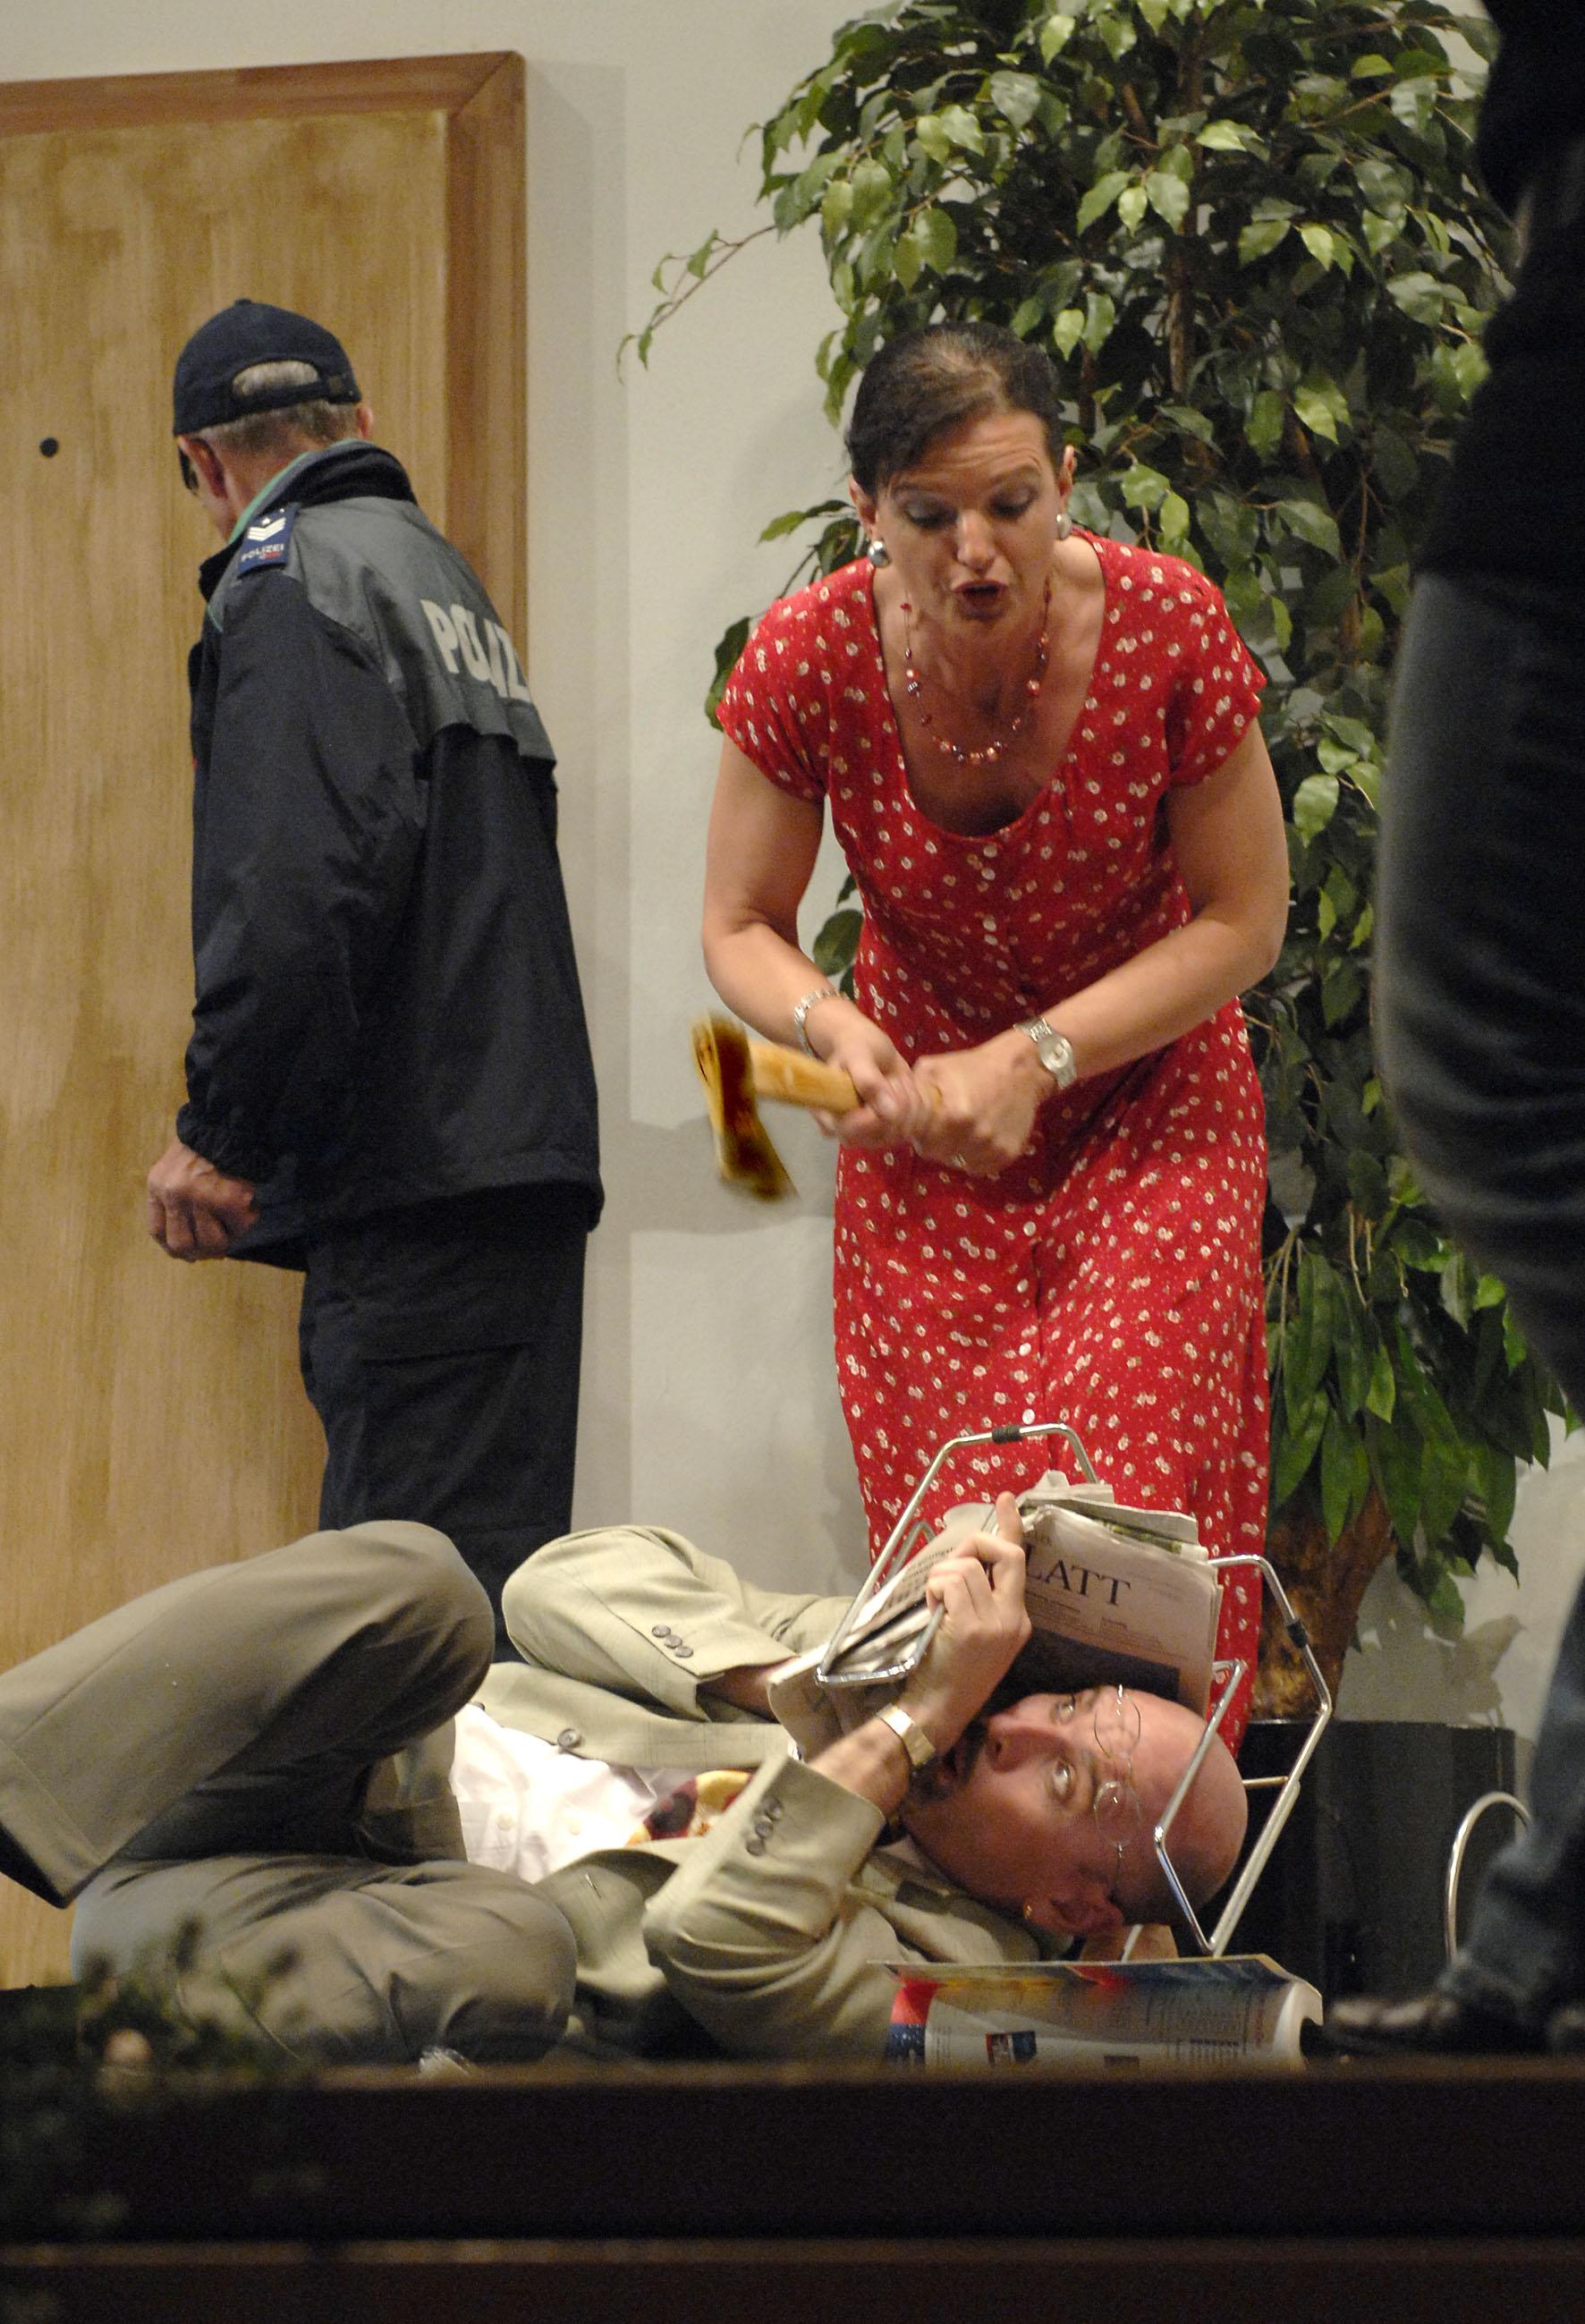 2009 Ä verhängnisvolli Nacht